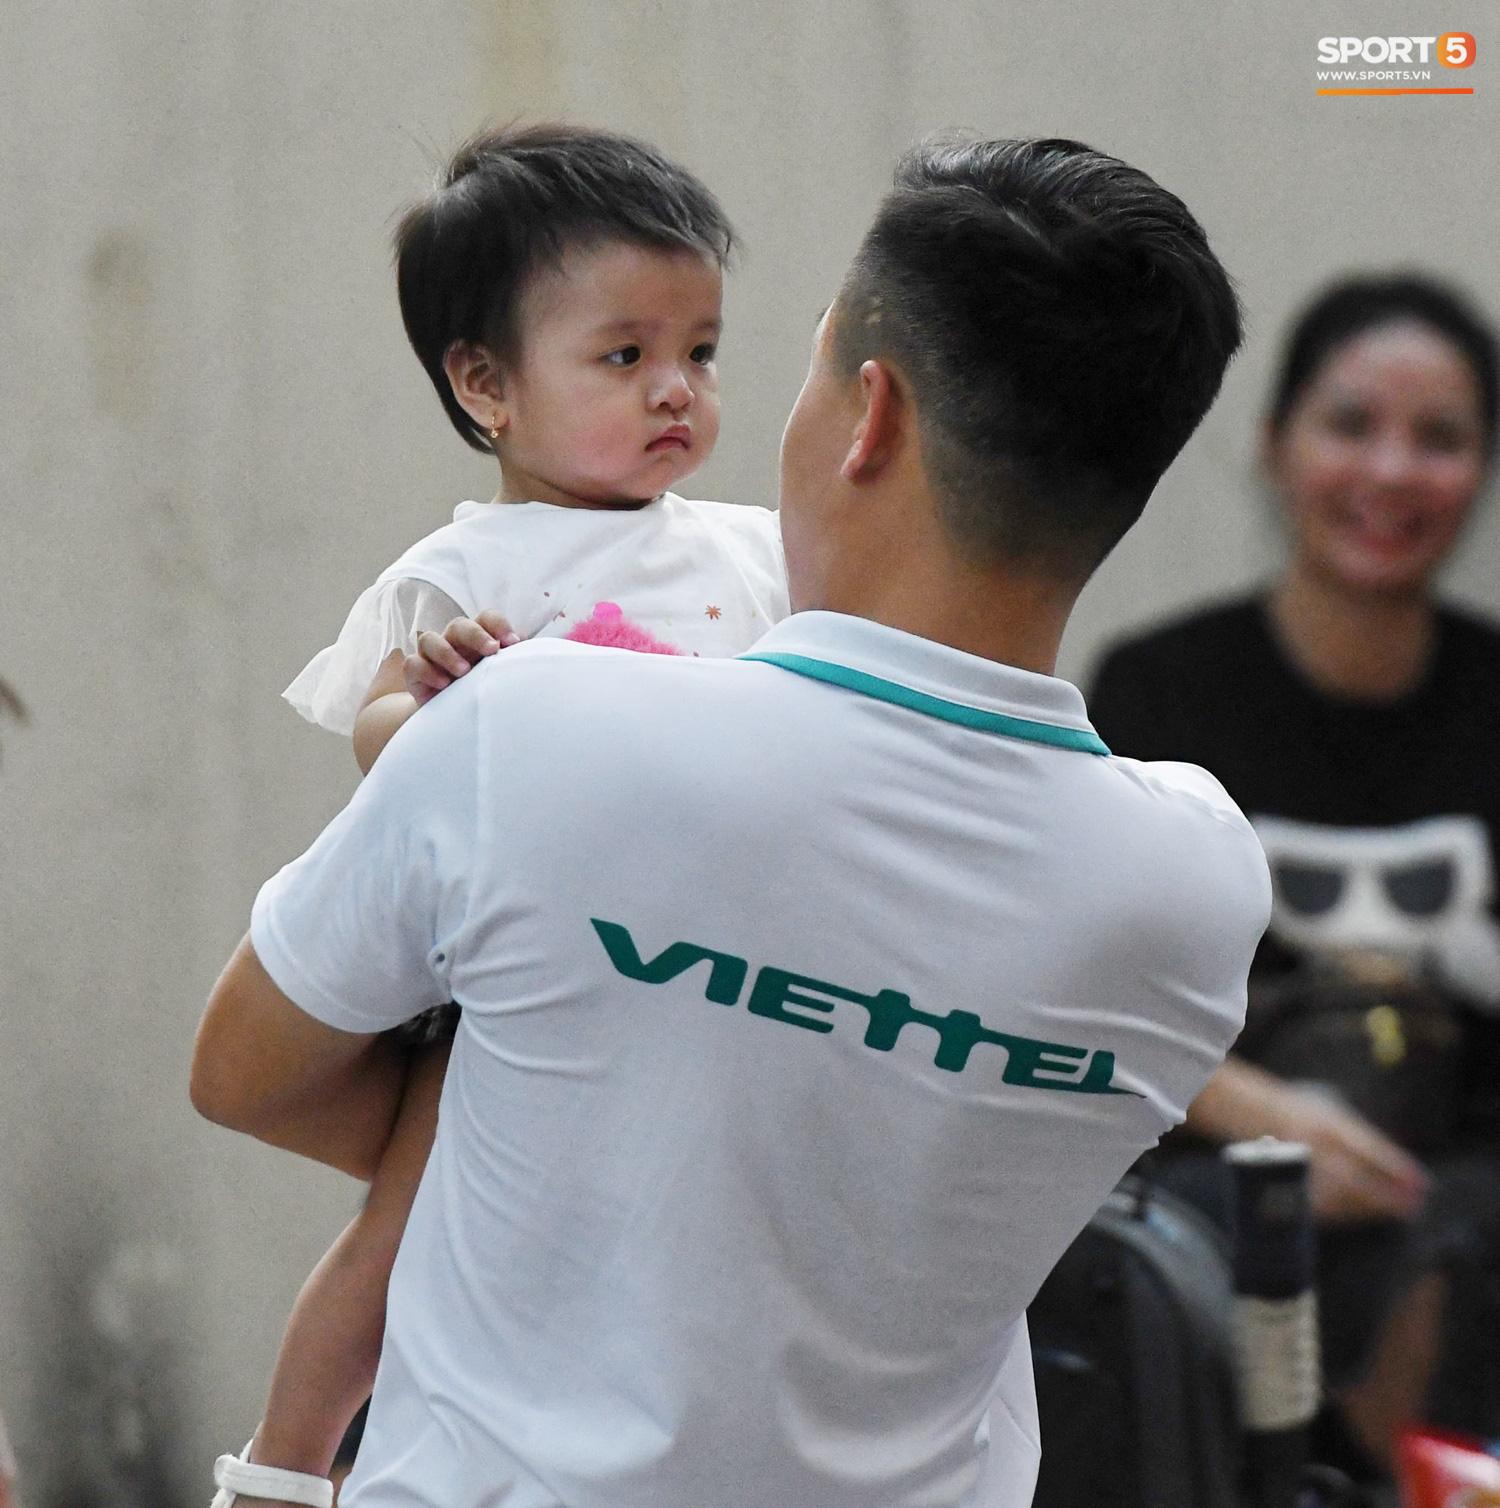 """Bạn gái Hà Đức Chinh đến sân cổ vũ trận Viettel gặp Đà Nẵng: Nhan sắc """"không giống hình đăng Face"""" - Ảnh 8."""